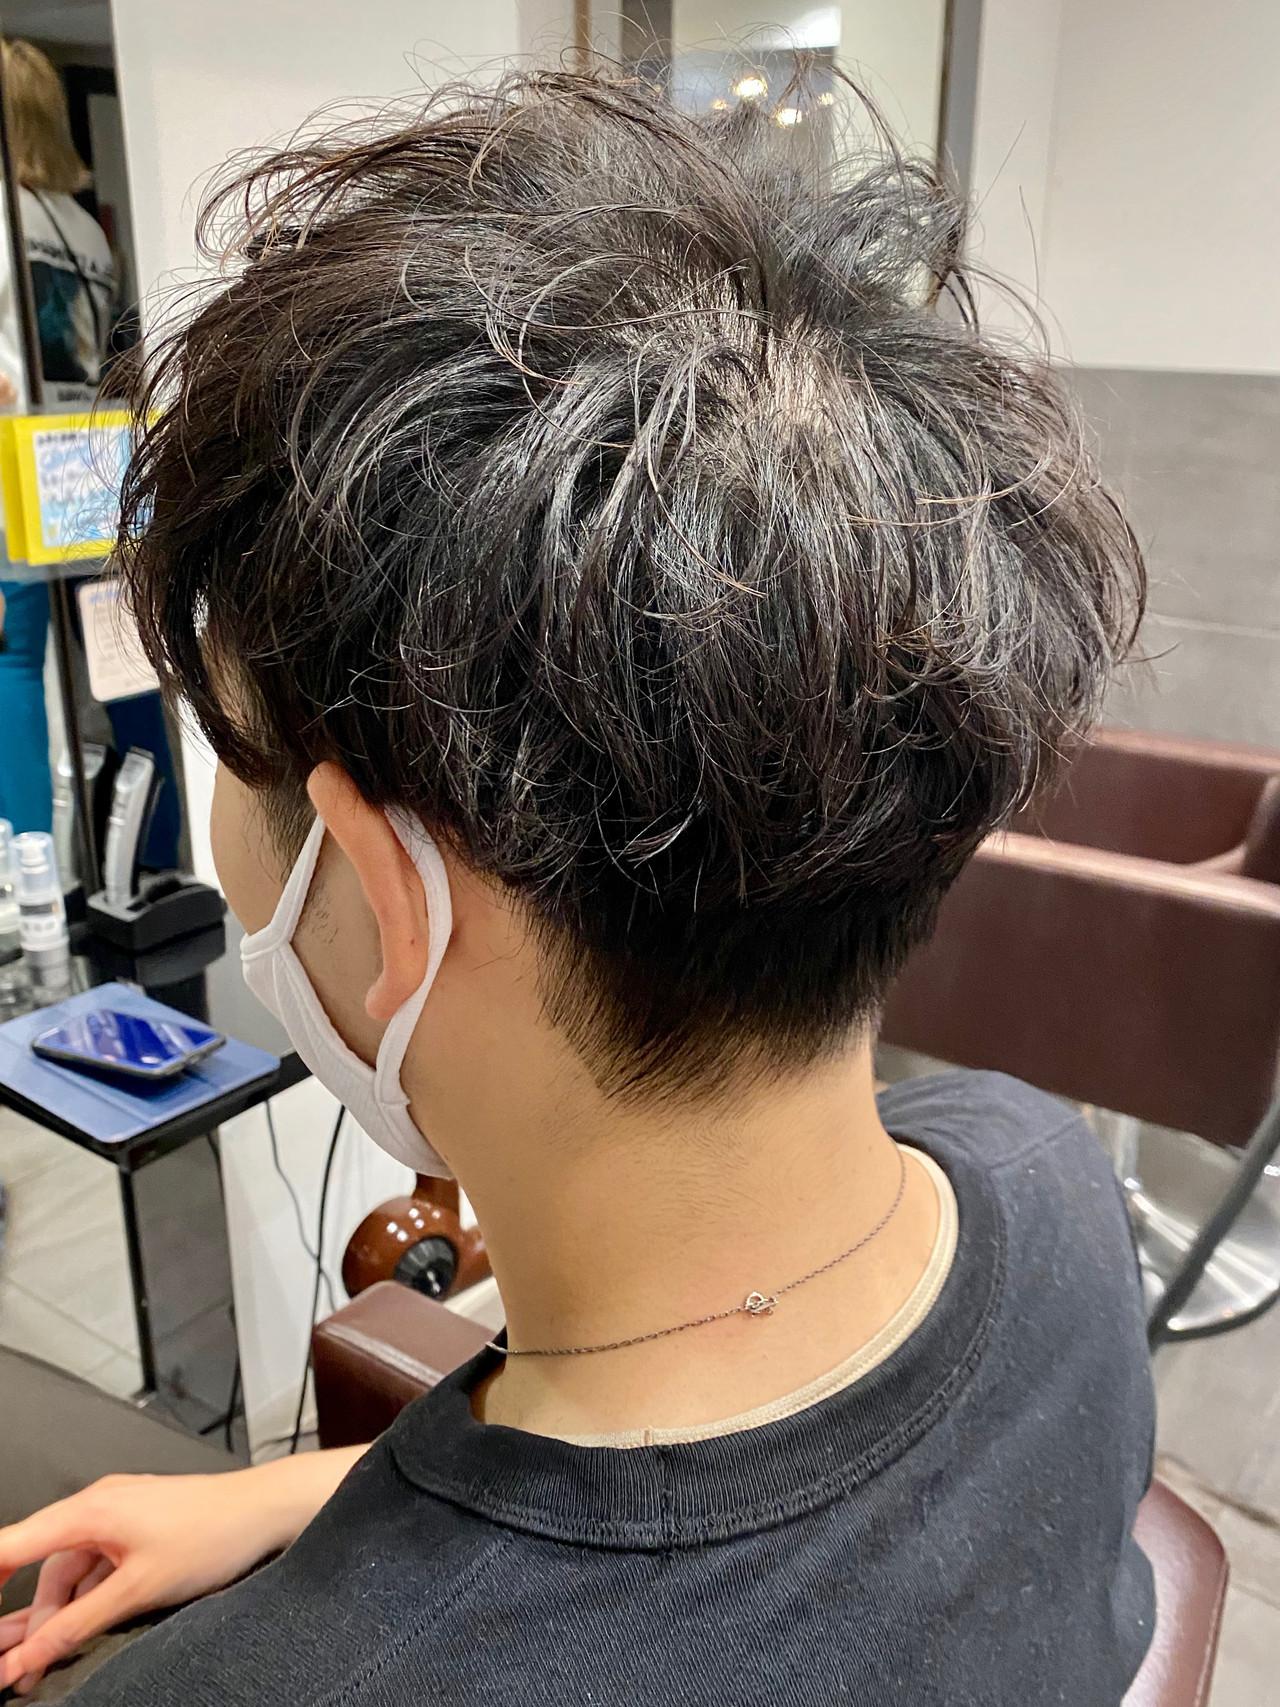 メンズマッシュ メンズ ショート メンズパーマ ヘアスタイルや髪型の写真・画像